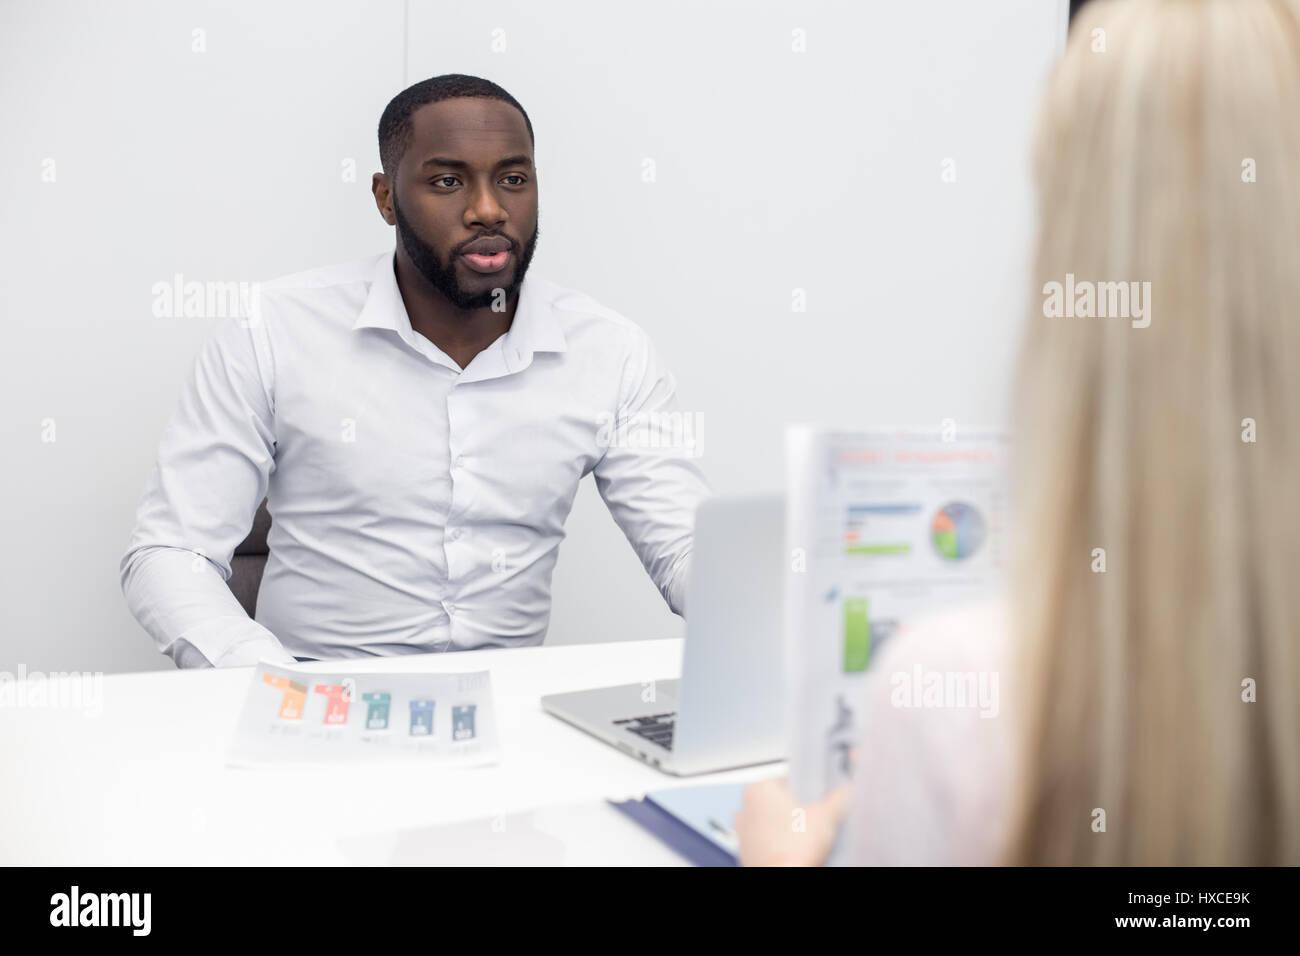 Persone intervista lavoro concetto di applicazione Immagini Stock